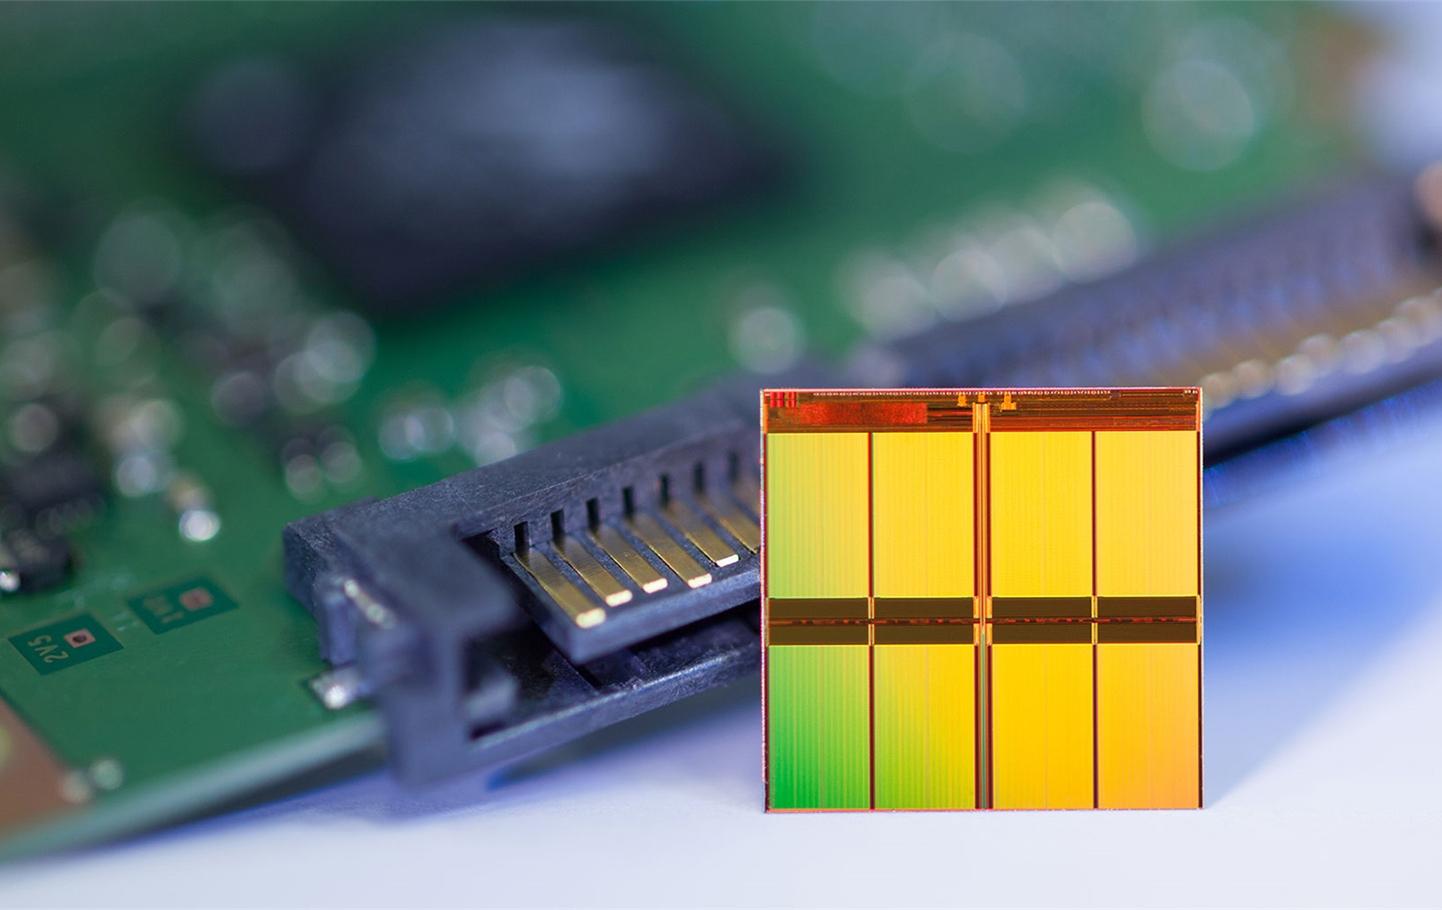 闪存和主控芯片缺货 SSD硬盘价格全线上涨